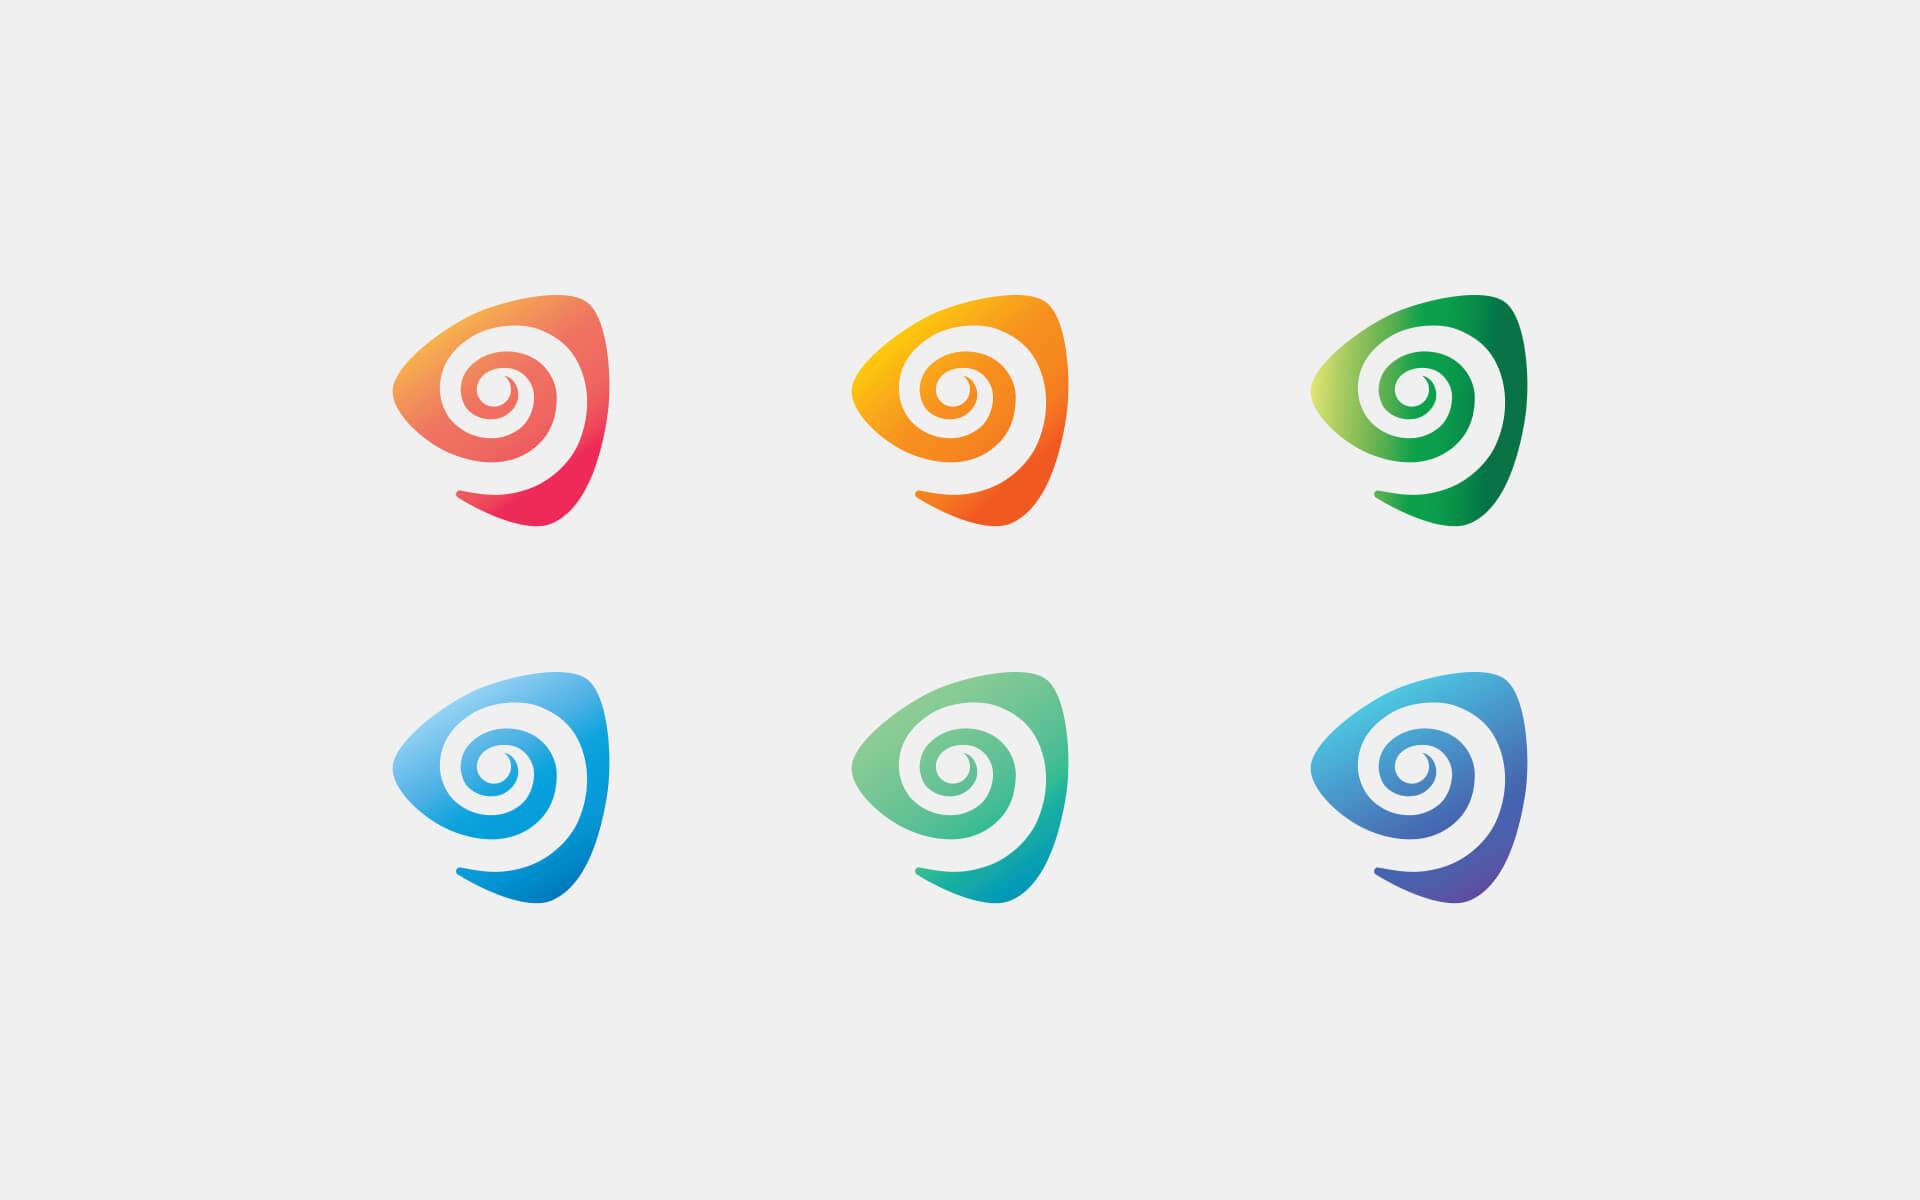 06 camarisol flashout logos